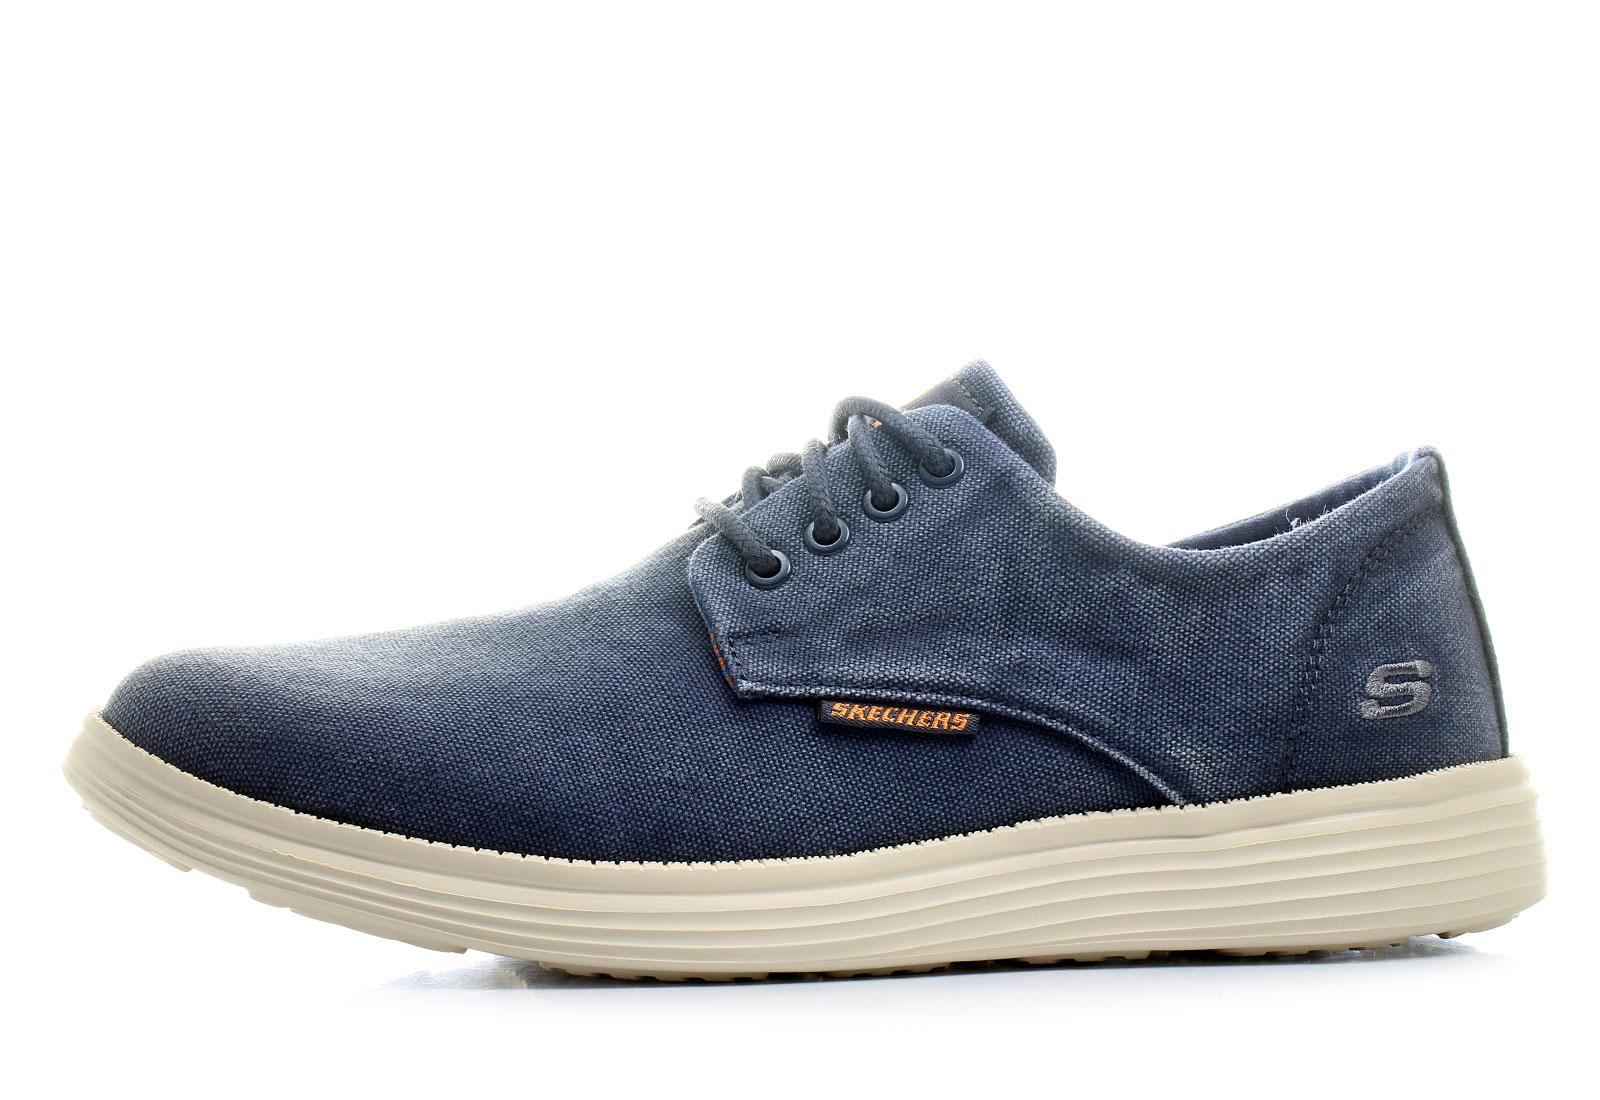 Skechers Shoes Status Borges 64629 Nvy Online Shop